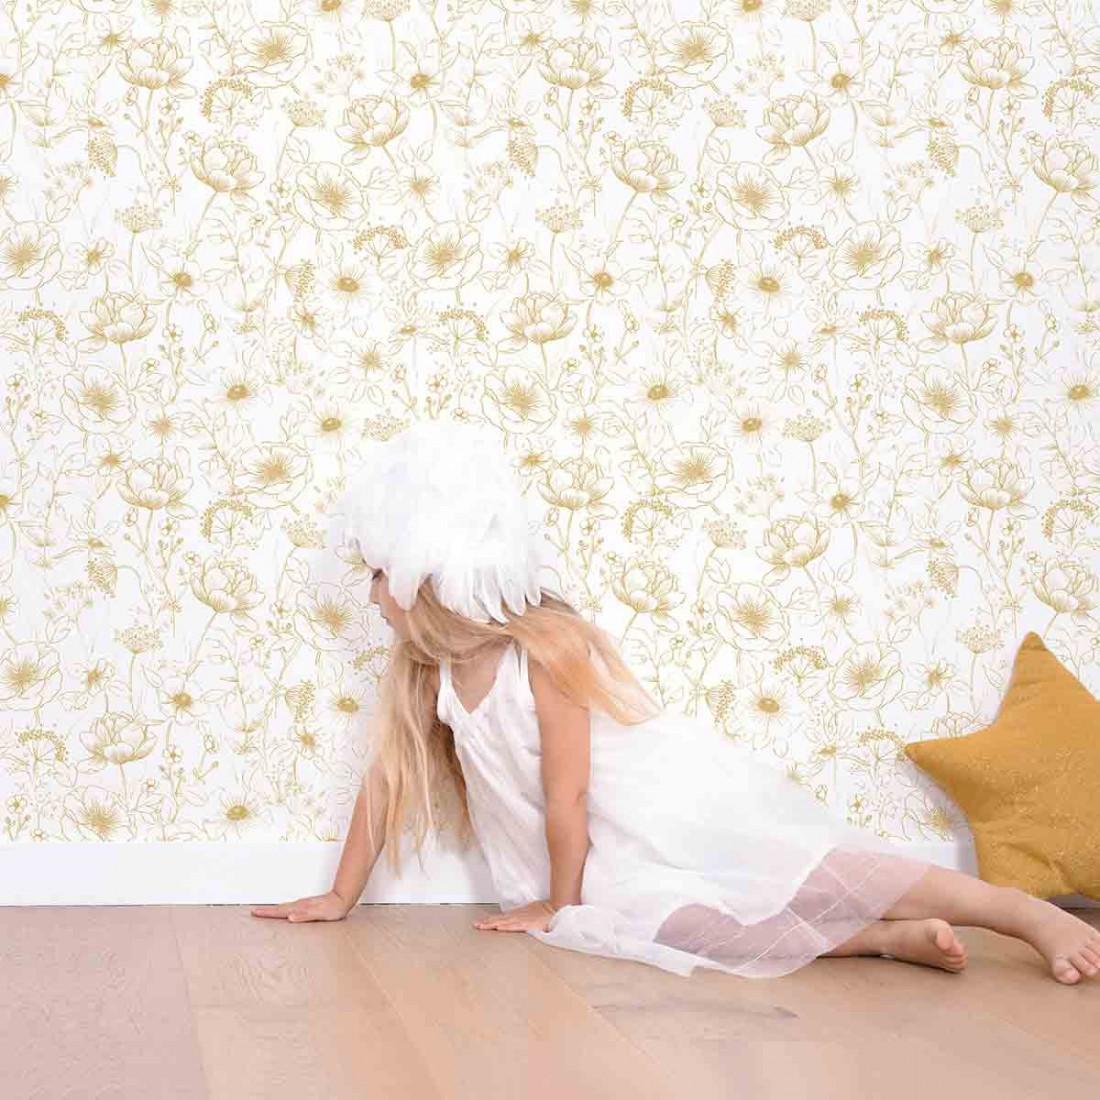 Papier peint enfant fleurs or lilipinso ma chambramoi - Papier peint pour chambre enfant ...